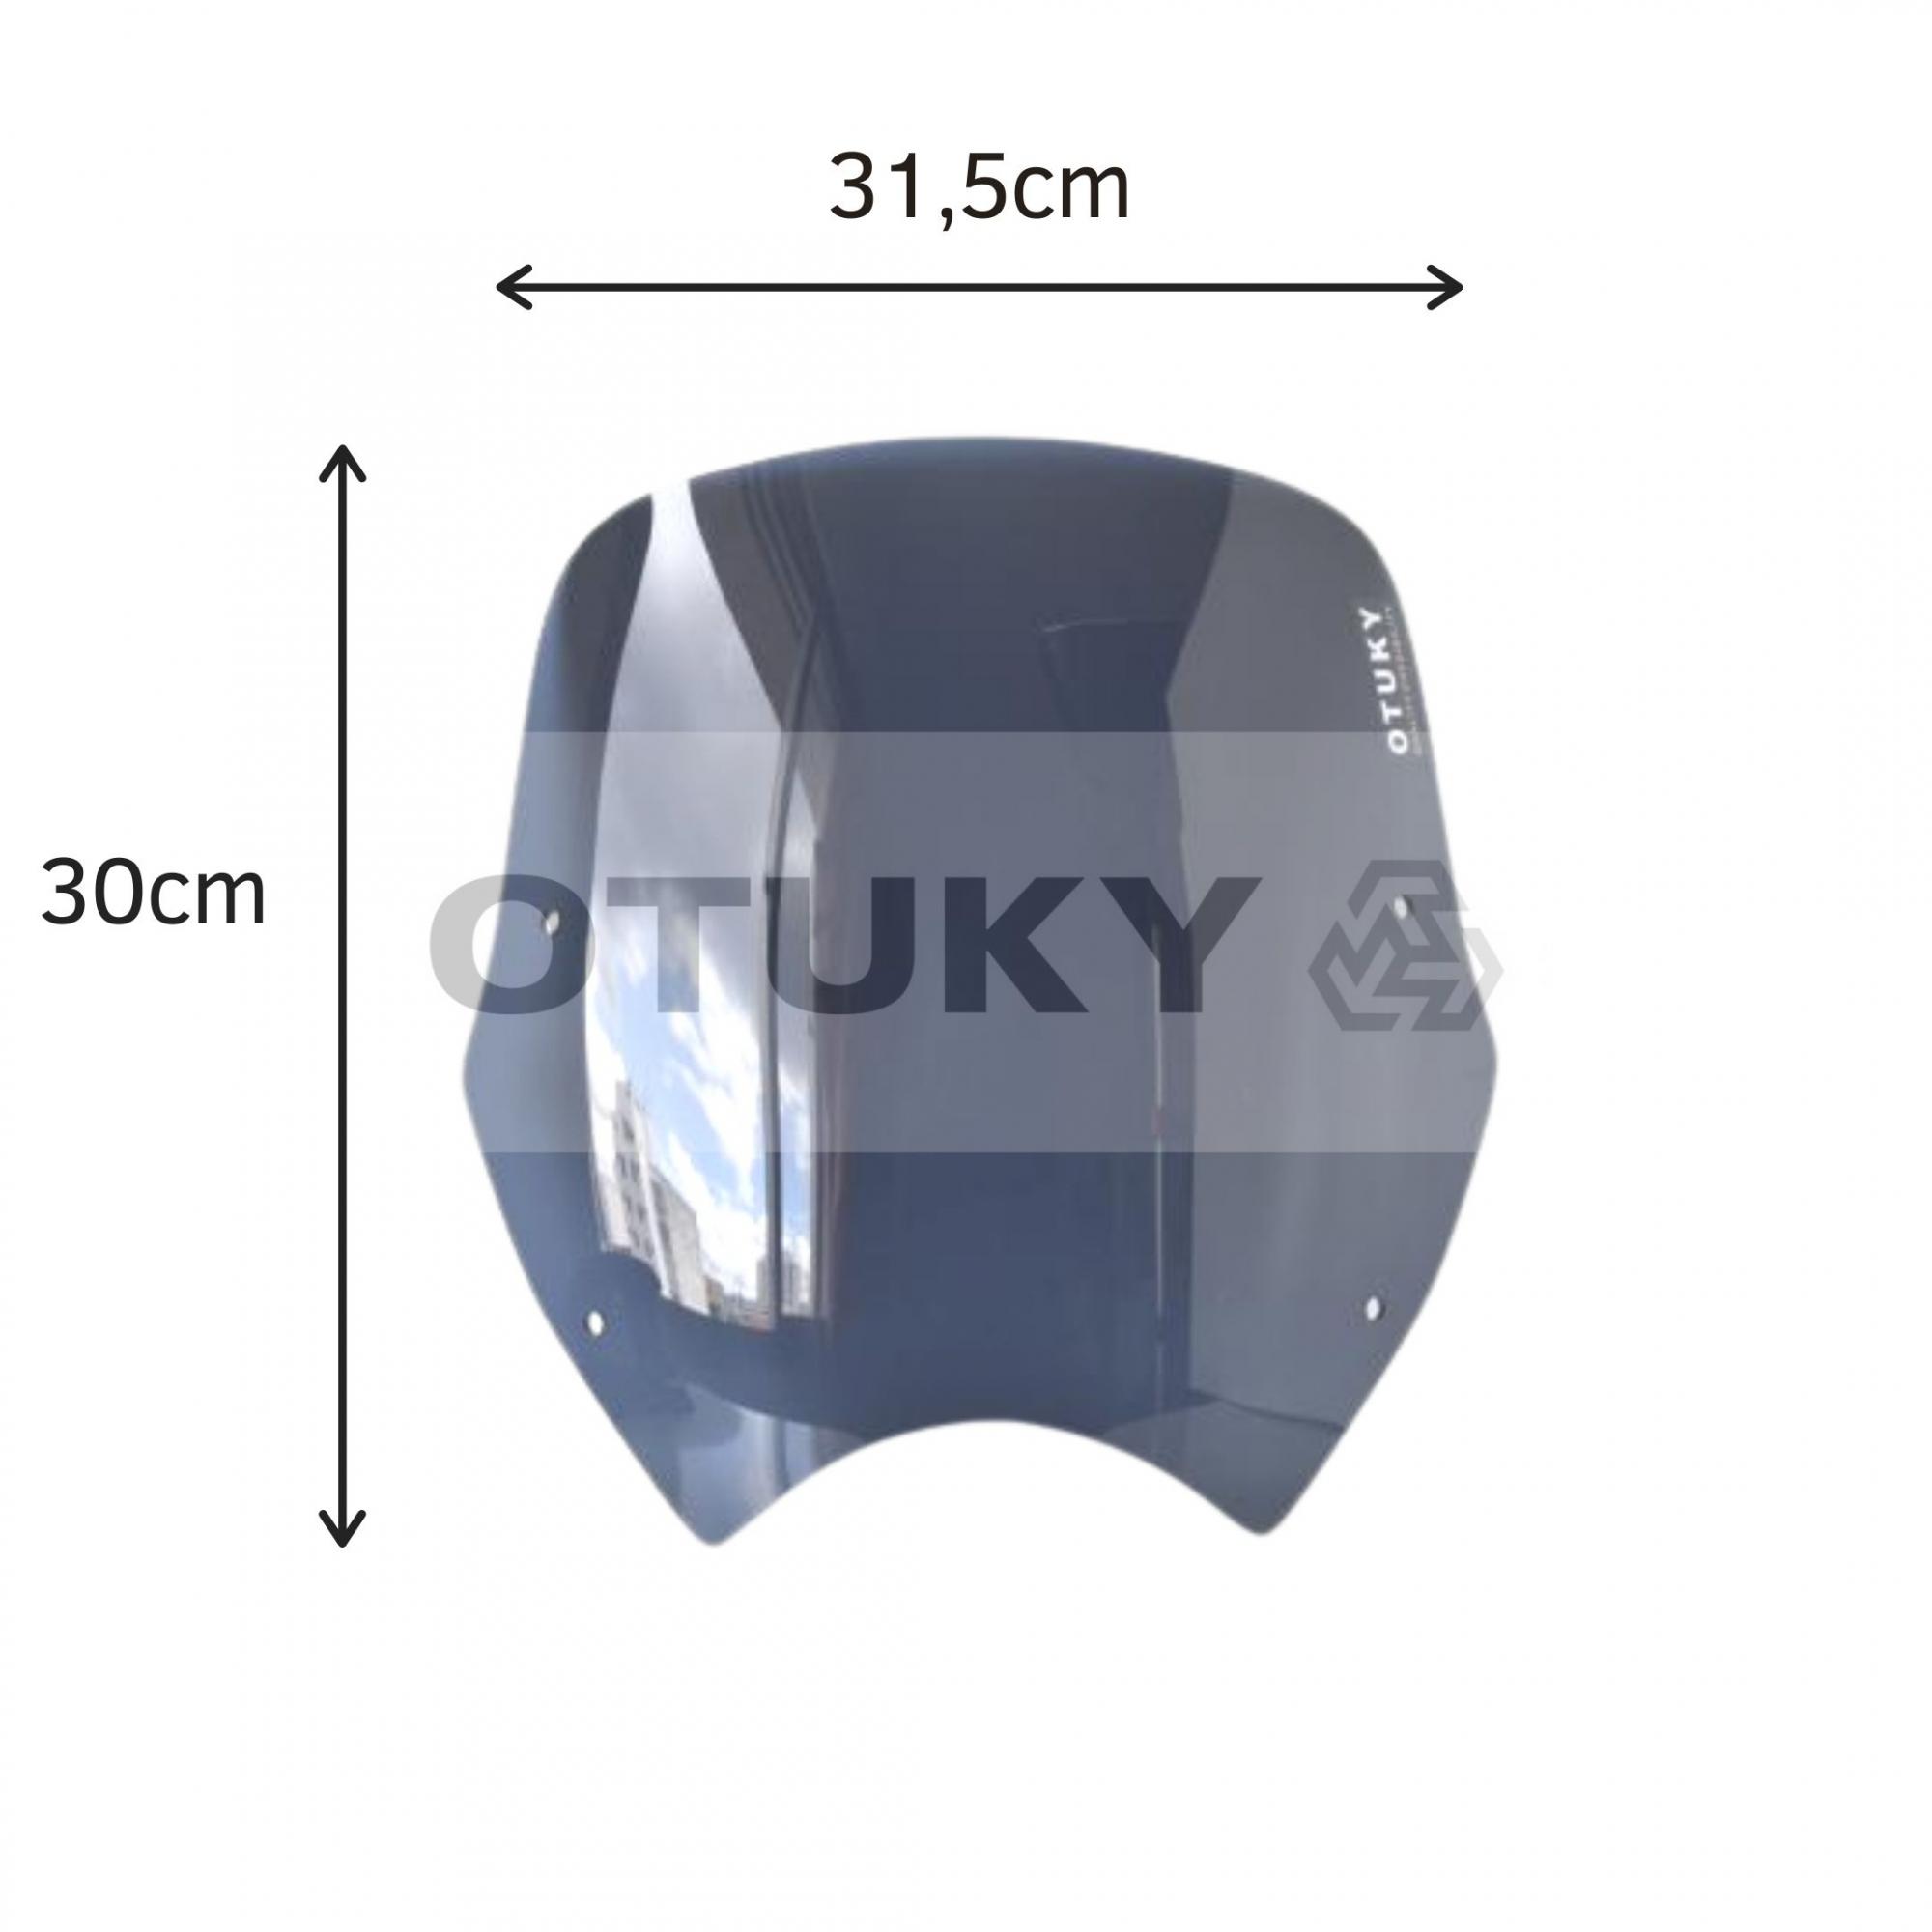 Bolha para Moto Transalp XL 700 V Otuky Padrão Fumê Escuro